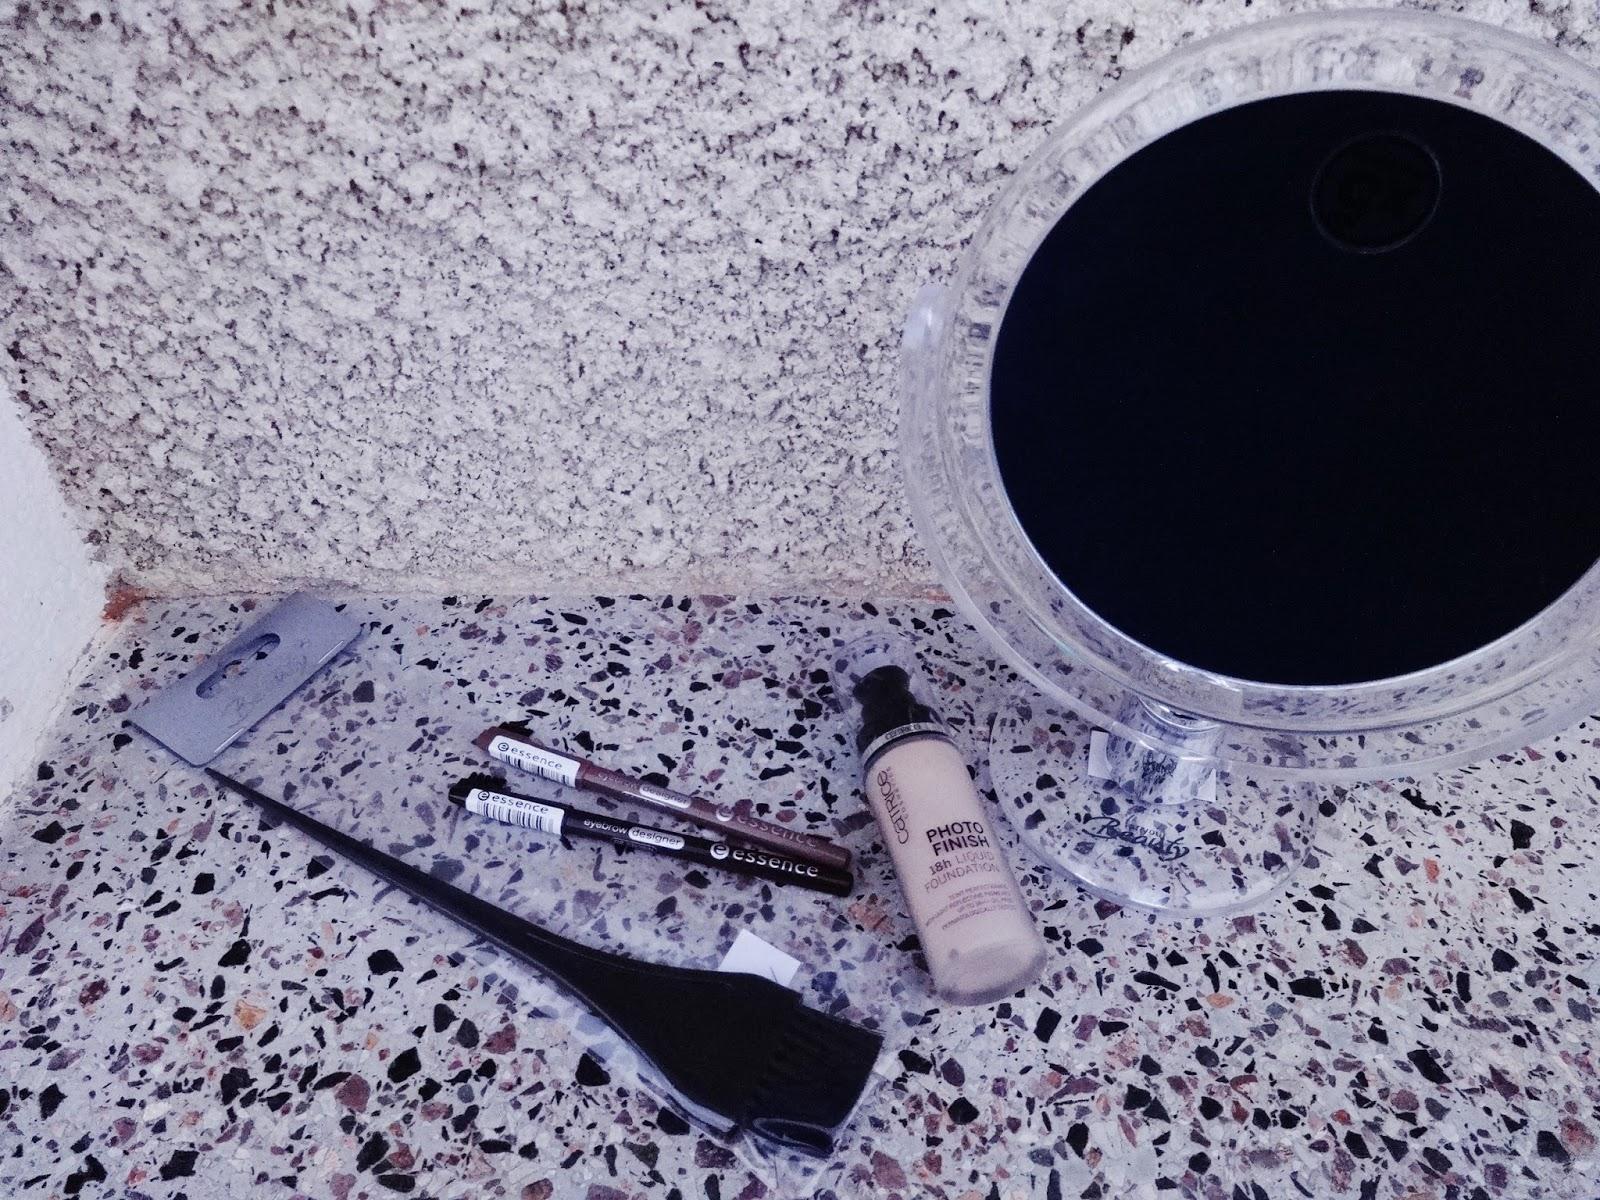 Standspiegel rossmann ernesto kushino messer cm von lidl ansehen